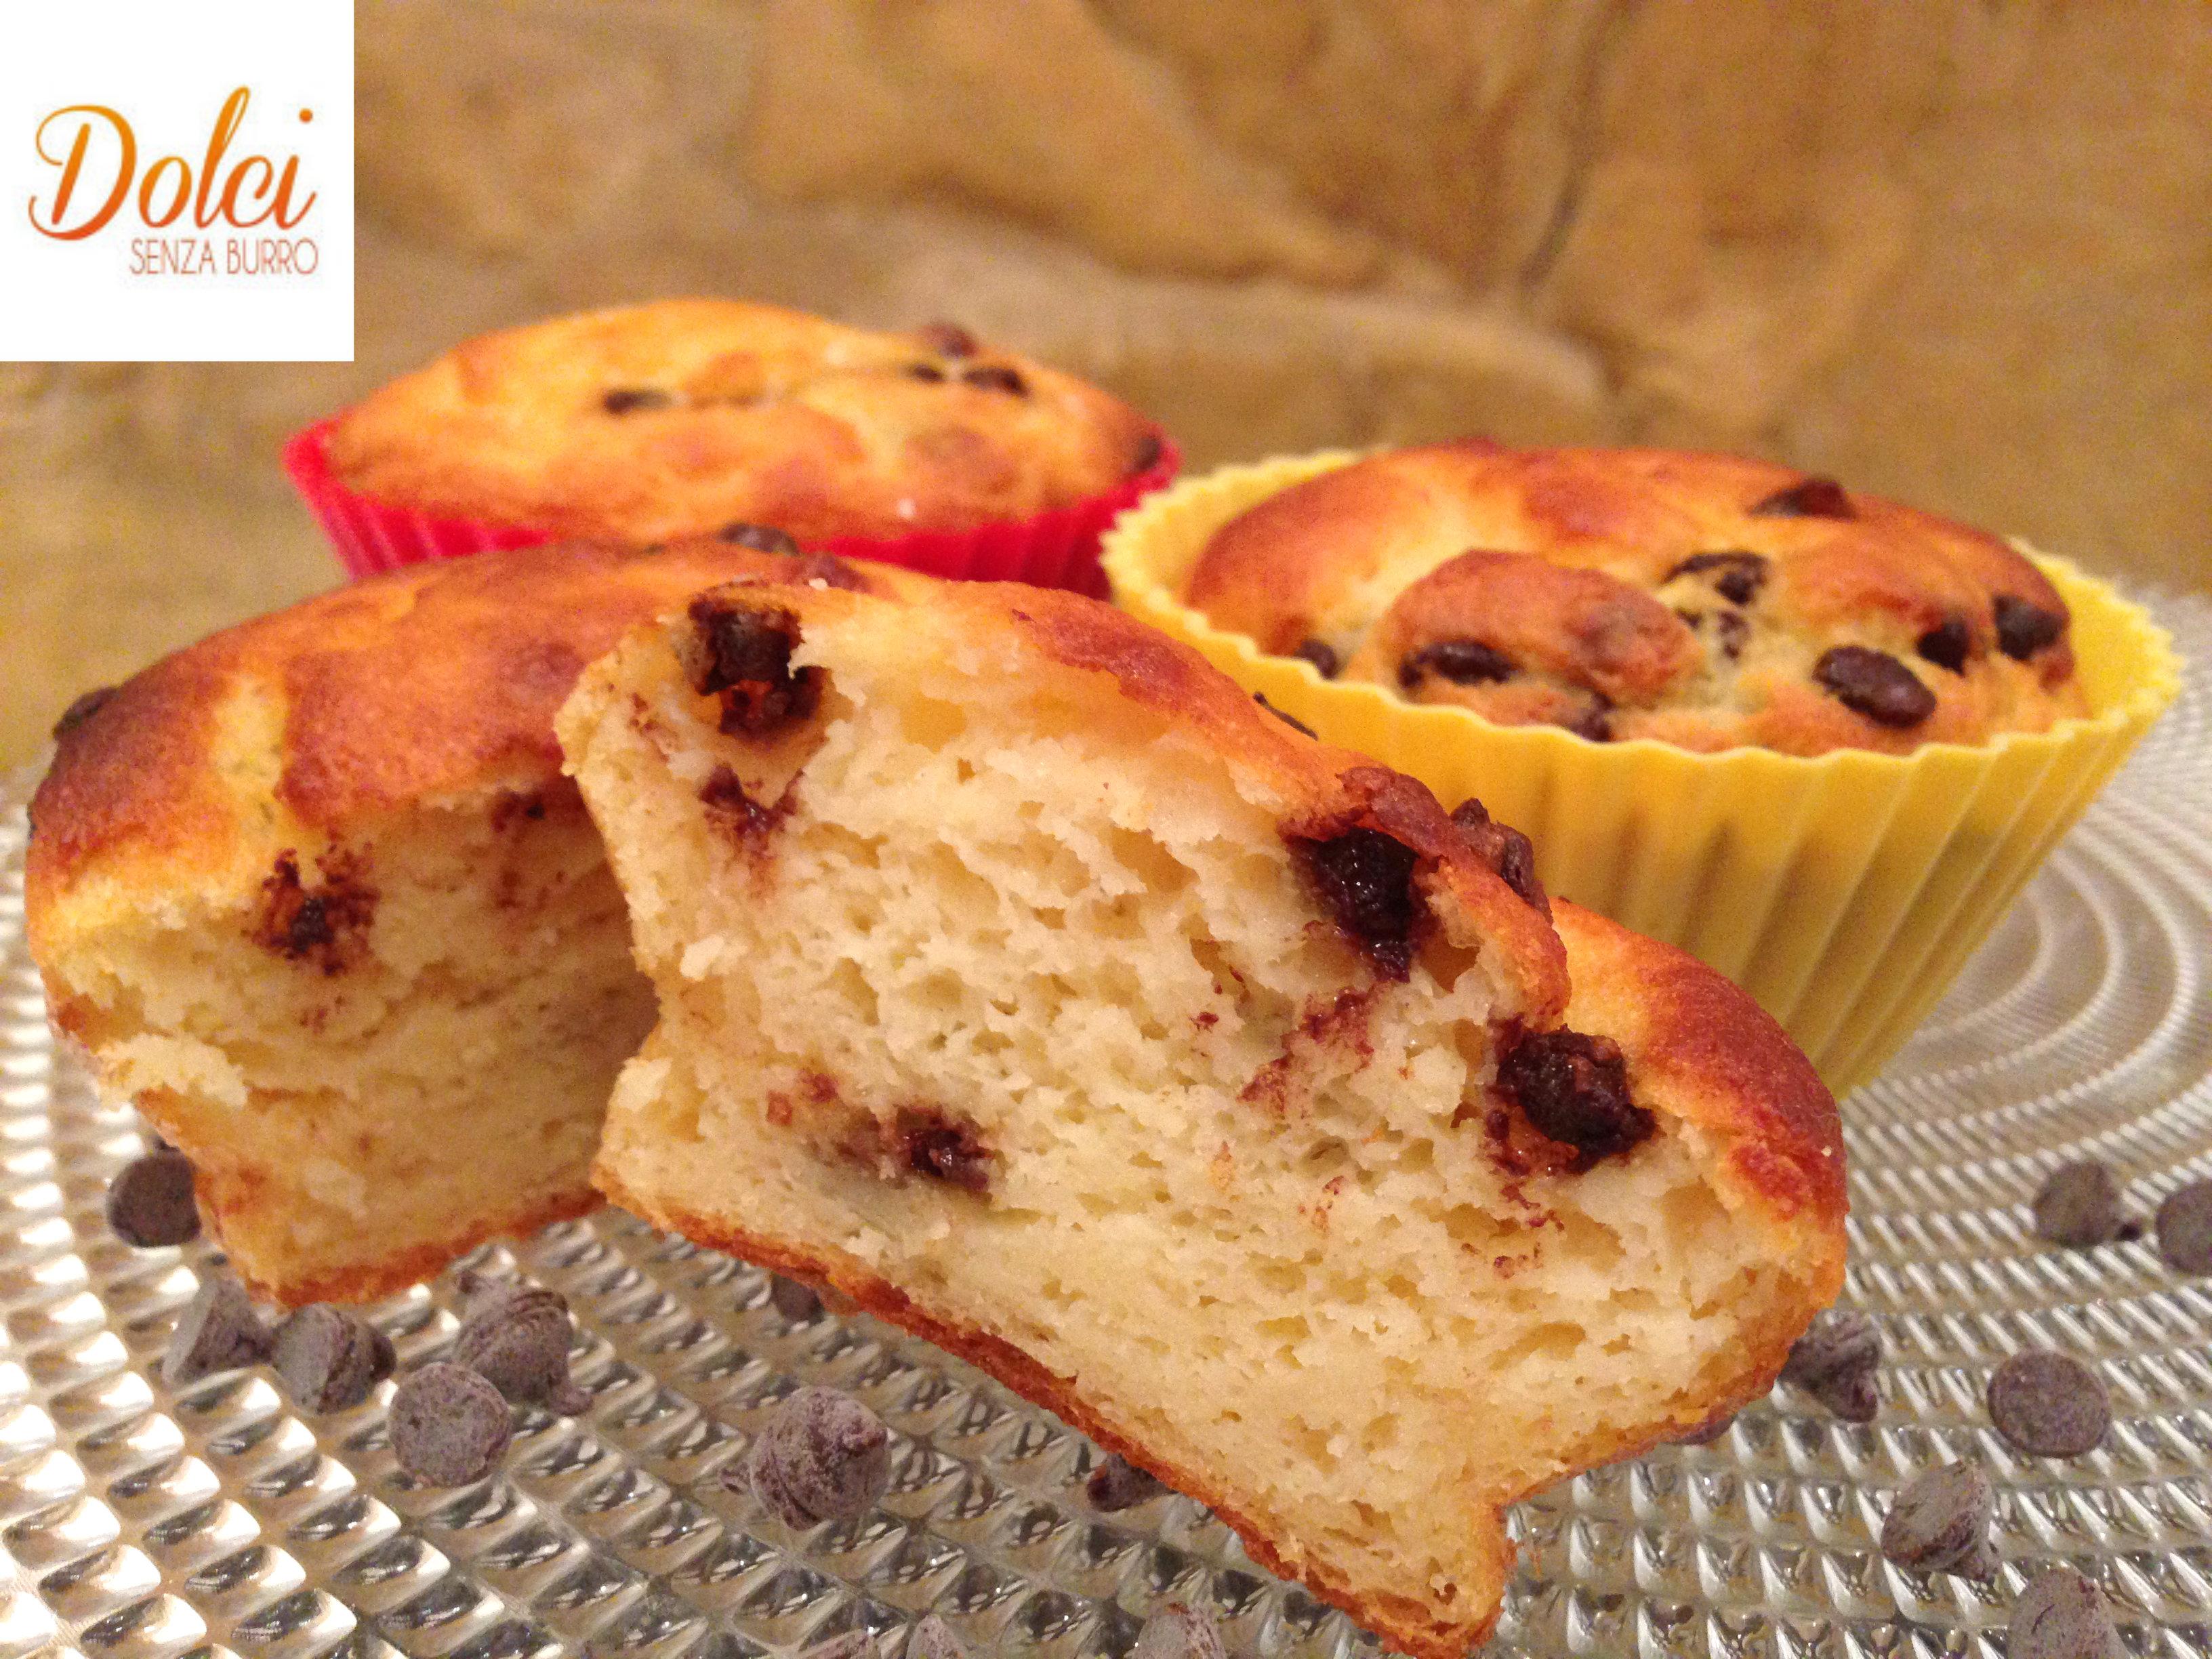 Muffin Senza Burro con Gocce di Cioccolato, i muffin goloso e senza lattosio di Dolci Senza Burro